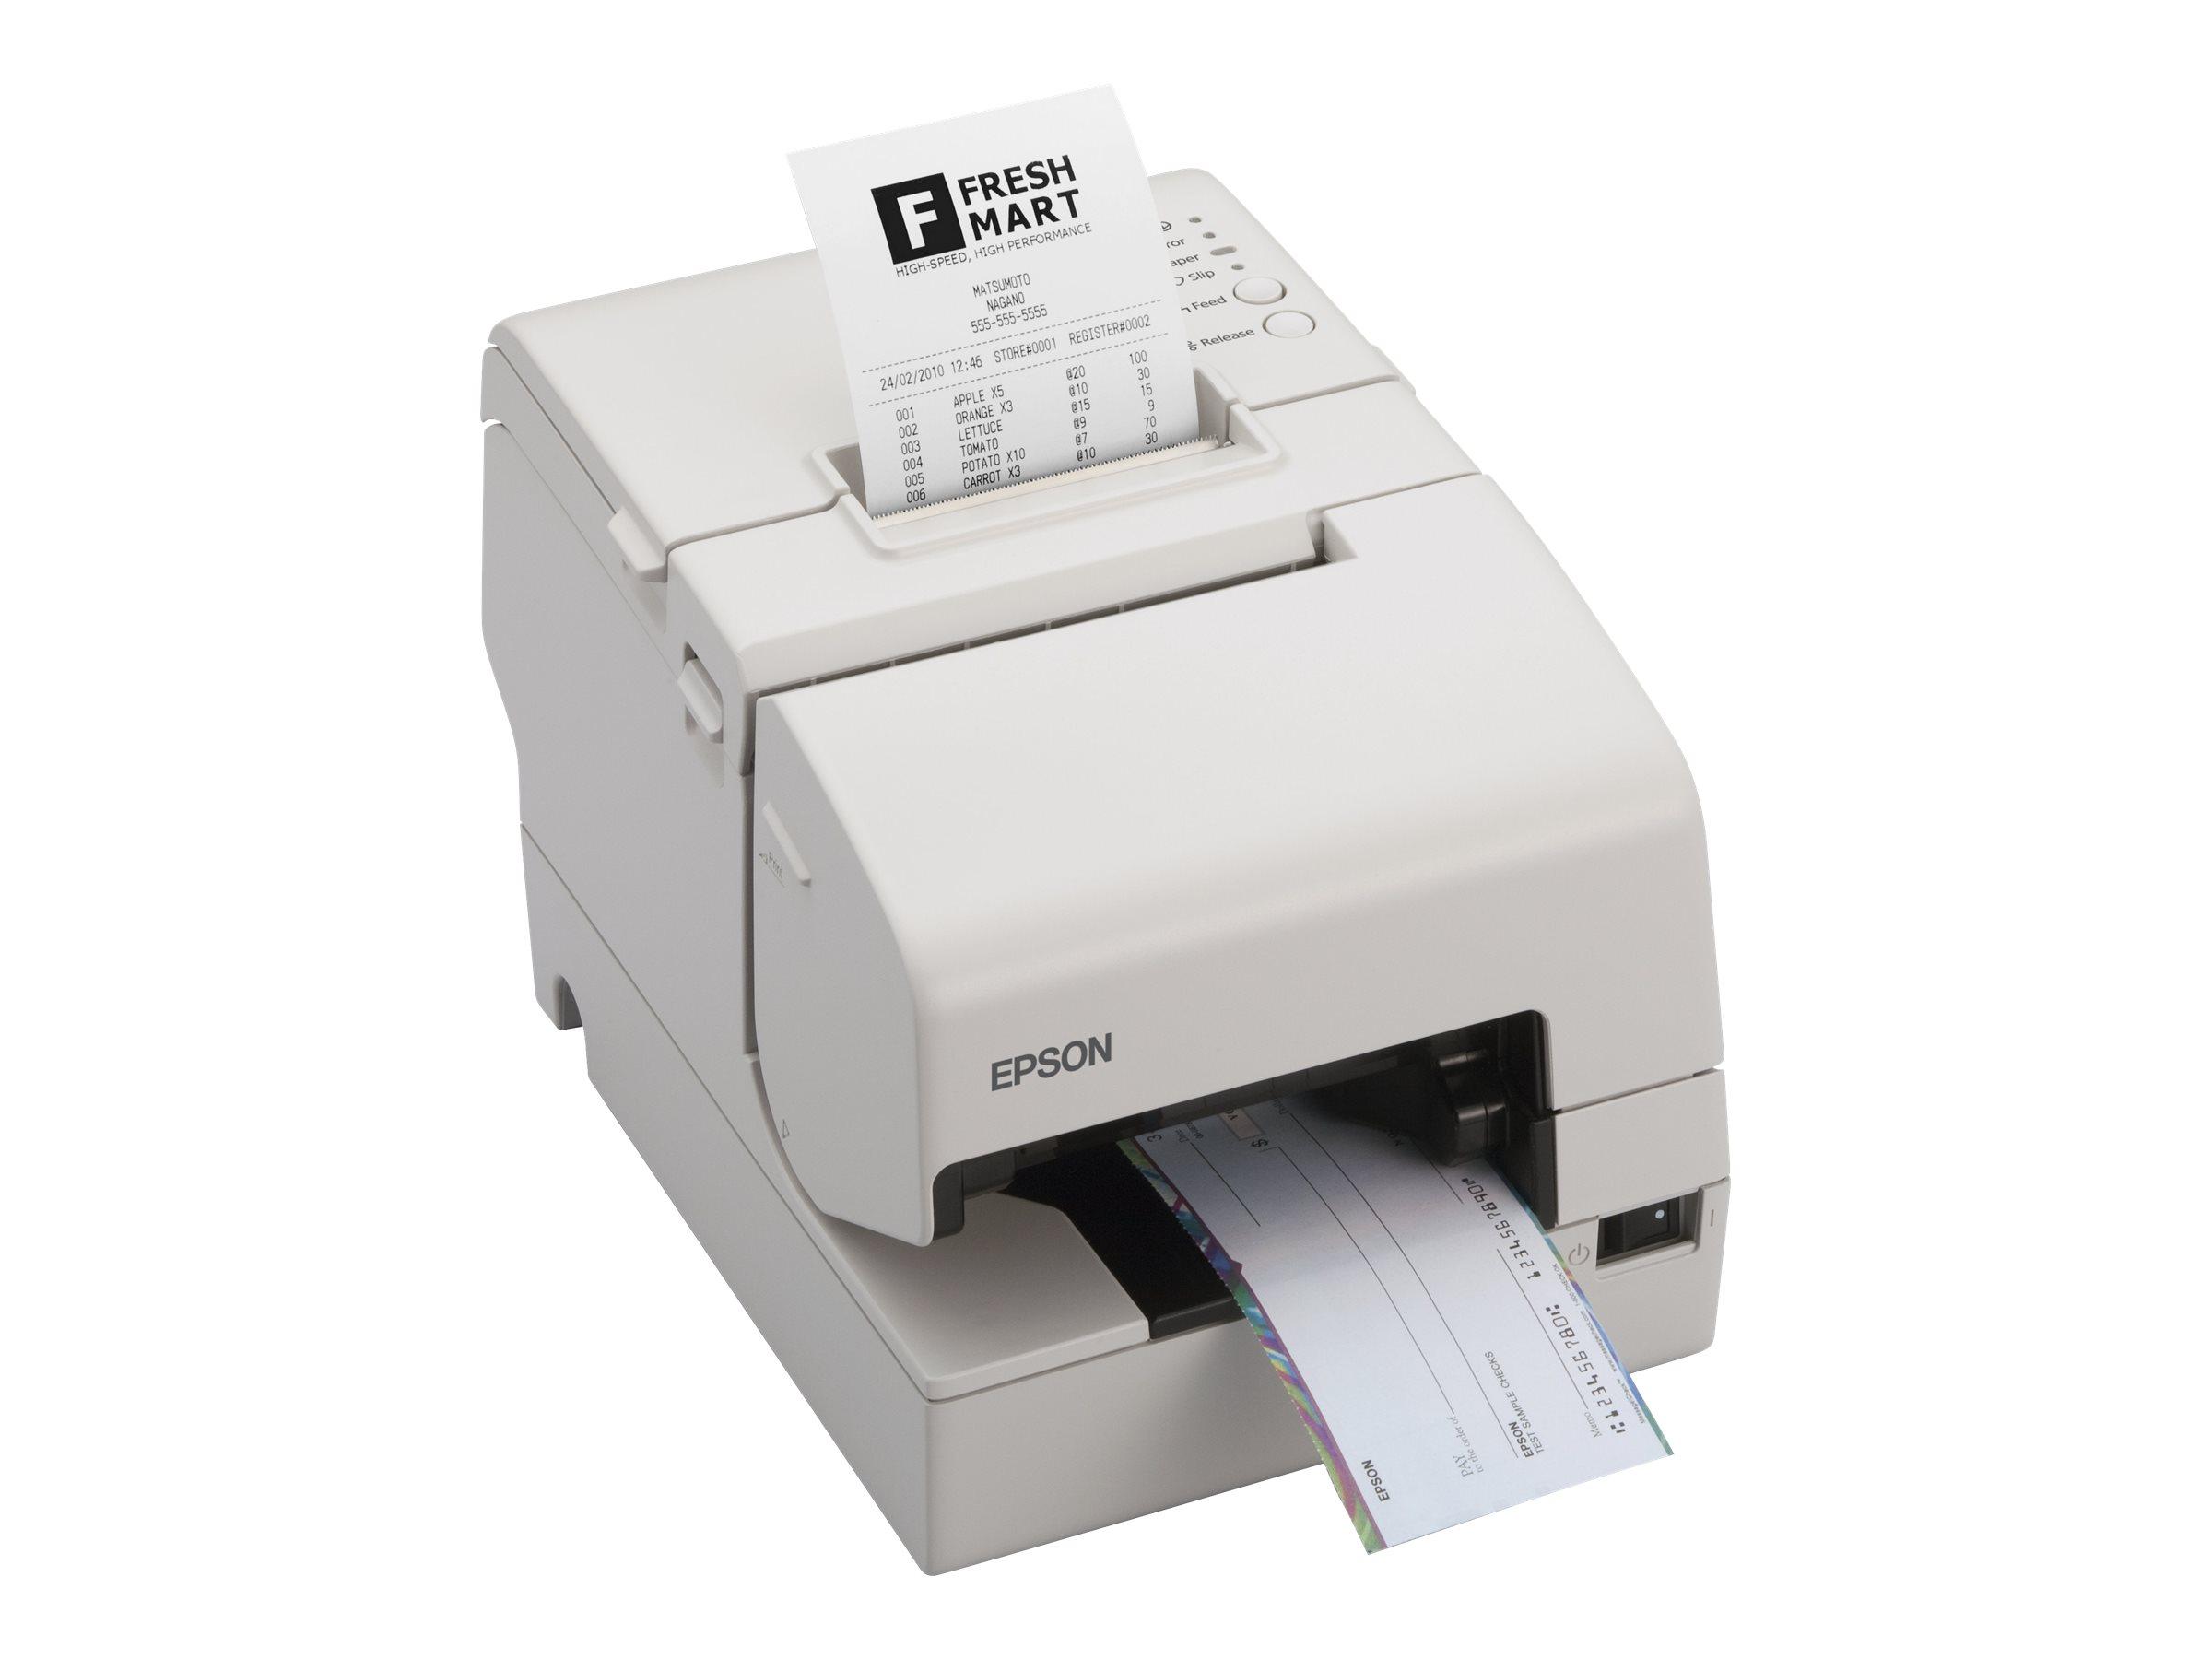 Epson TM H6000II - Belegdrucker - Thermozeile/Punktmatrix - 230 x 297 mm, Rolle (7,95 cm)